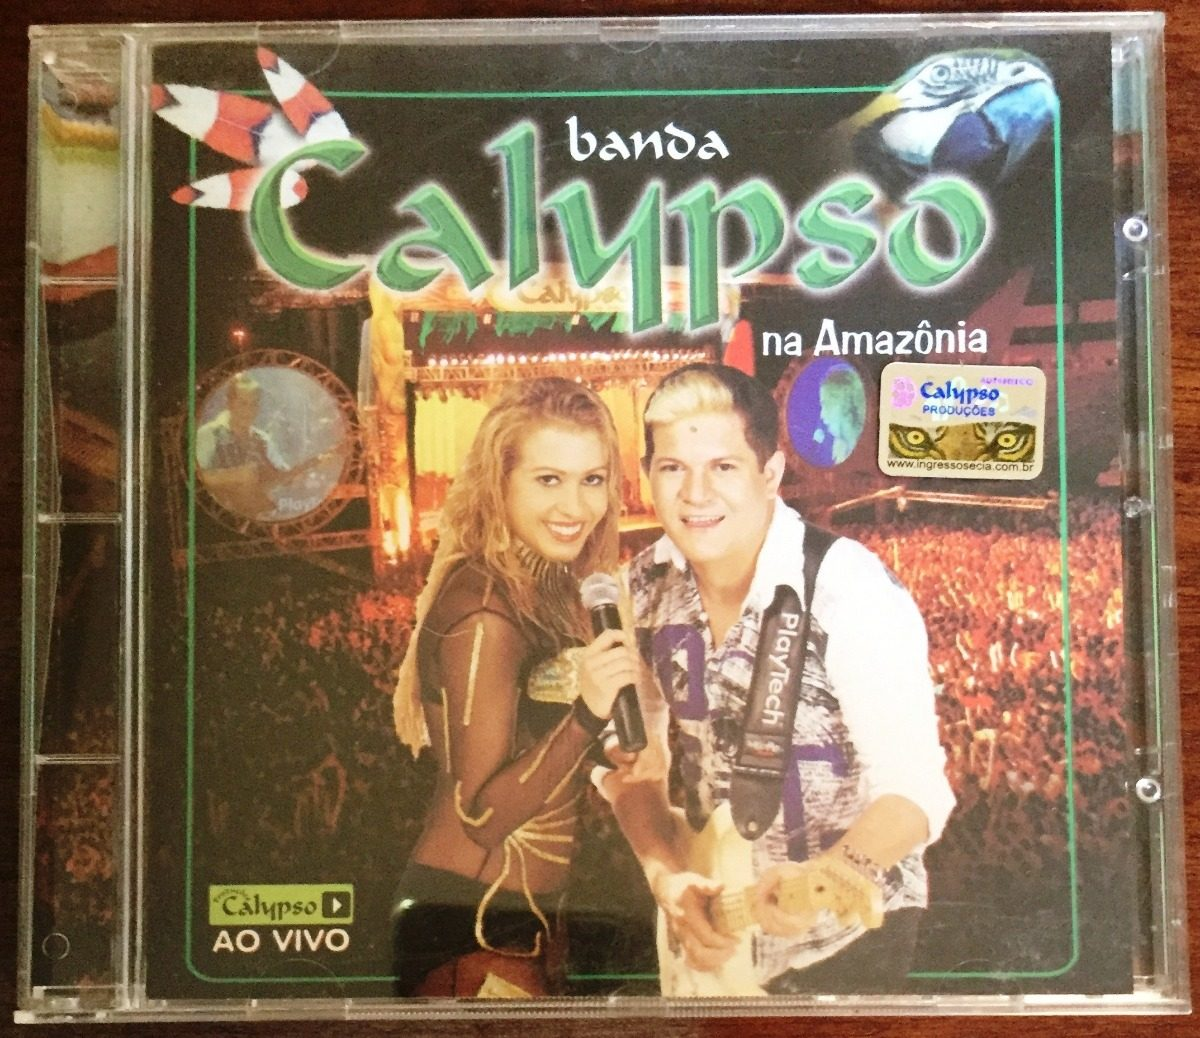 cd calypso ao vivo na amazonia